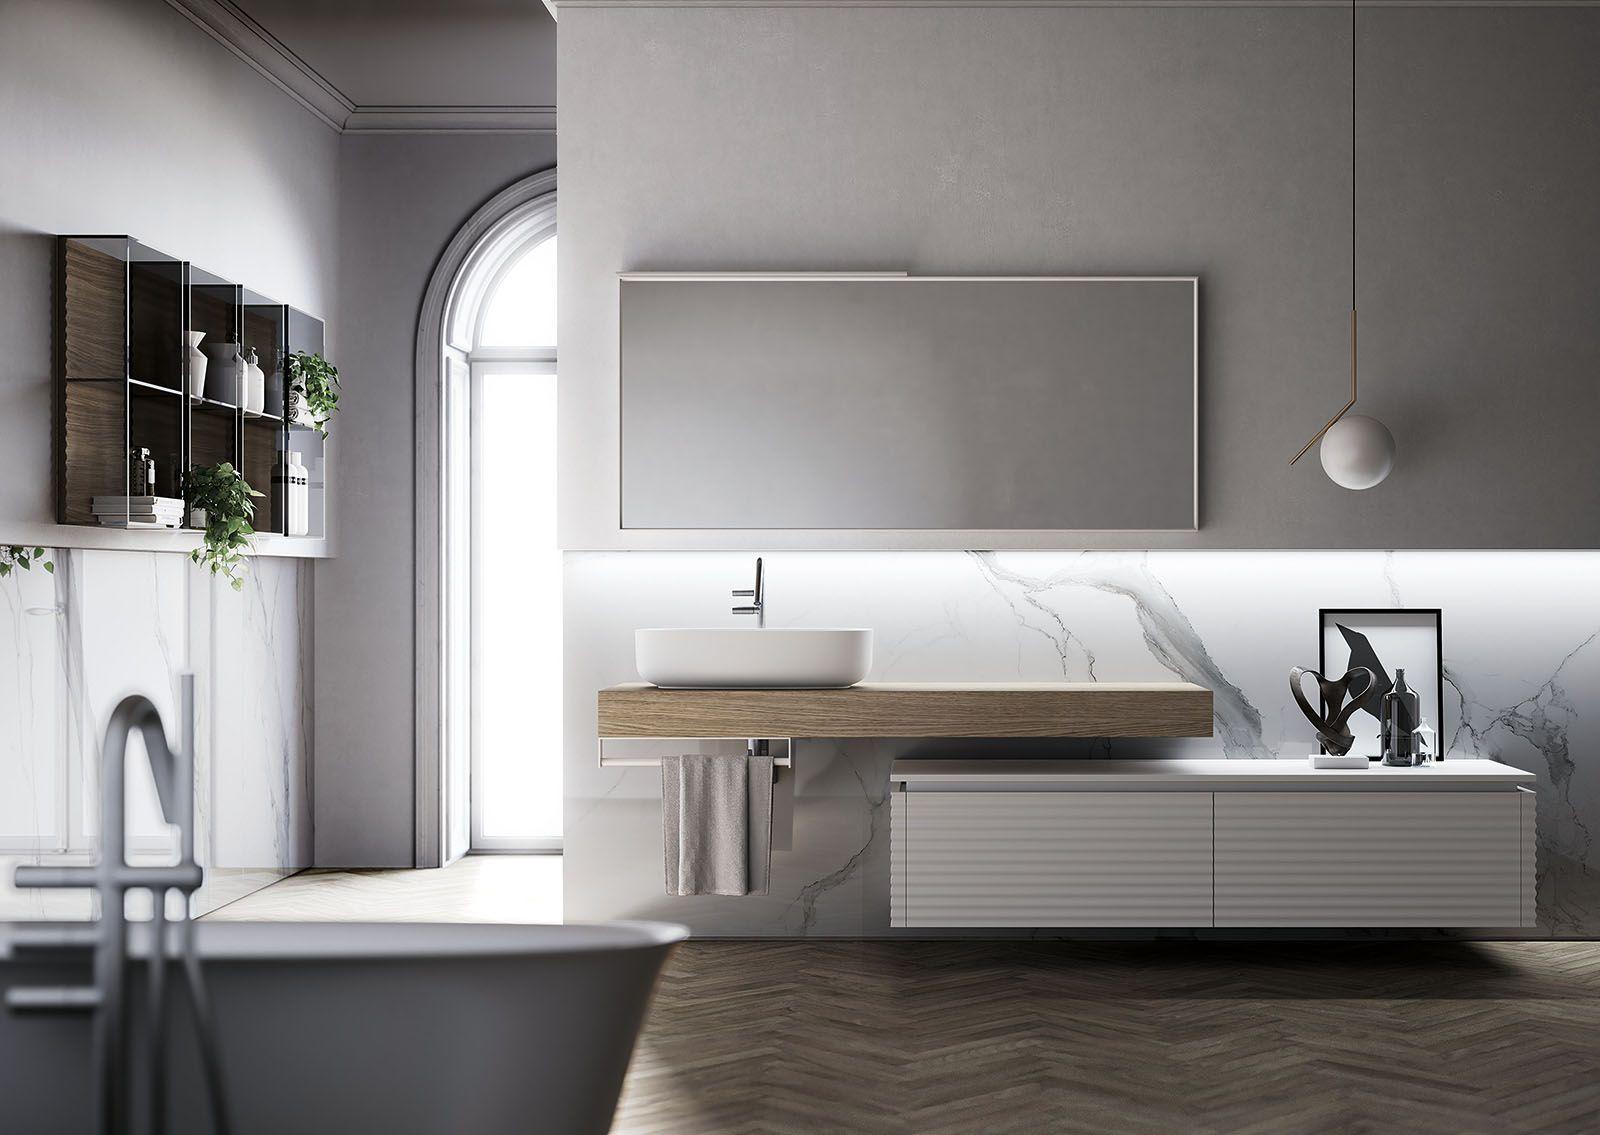 Arredo bagno: soluzioni moderne e sofisticate La collezione ...